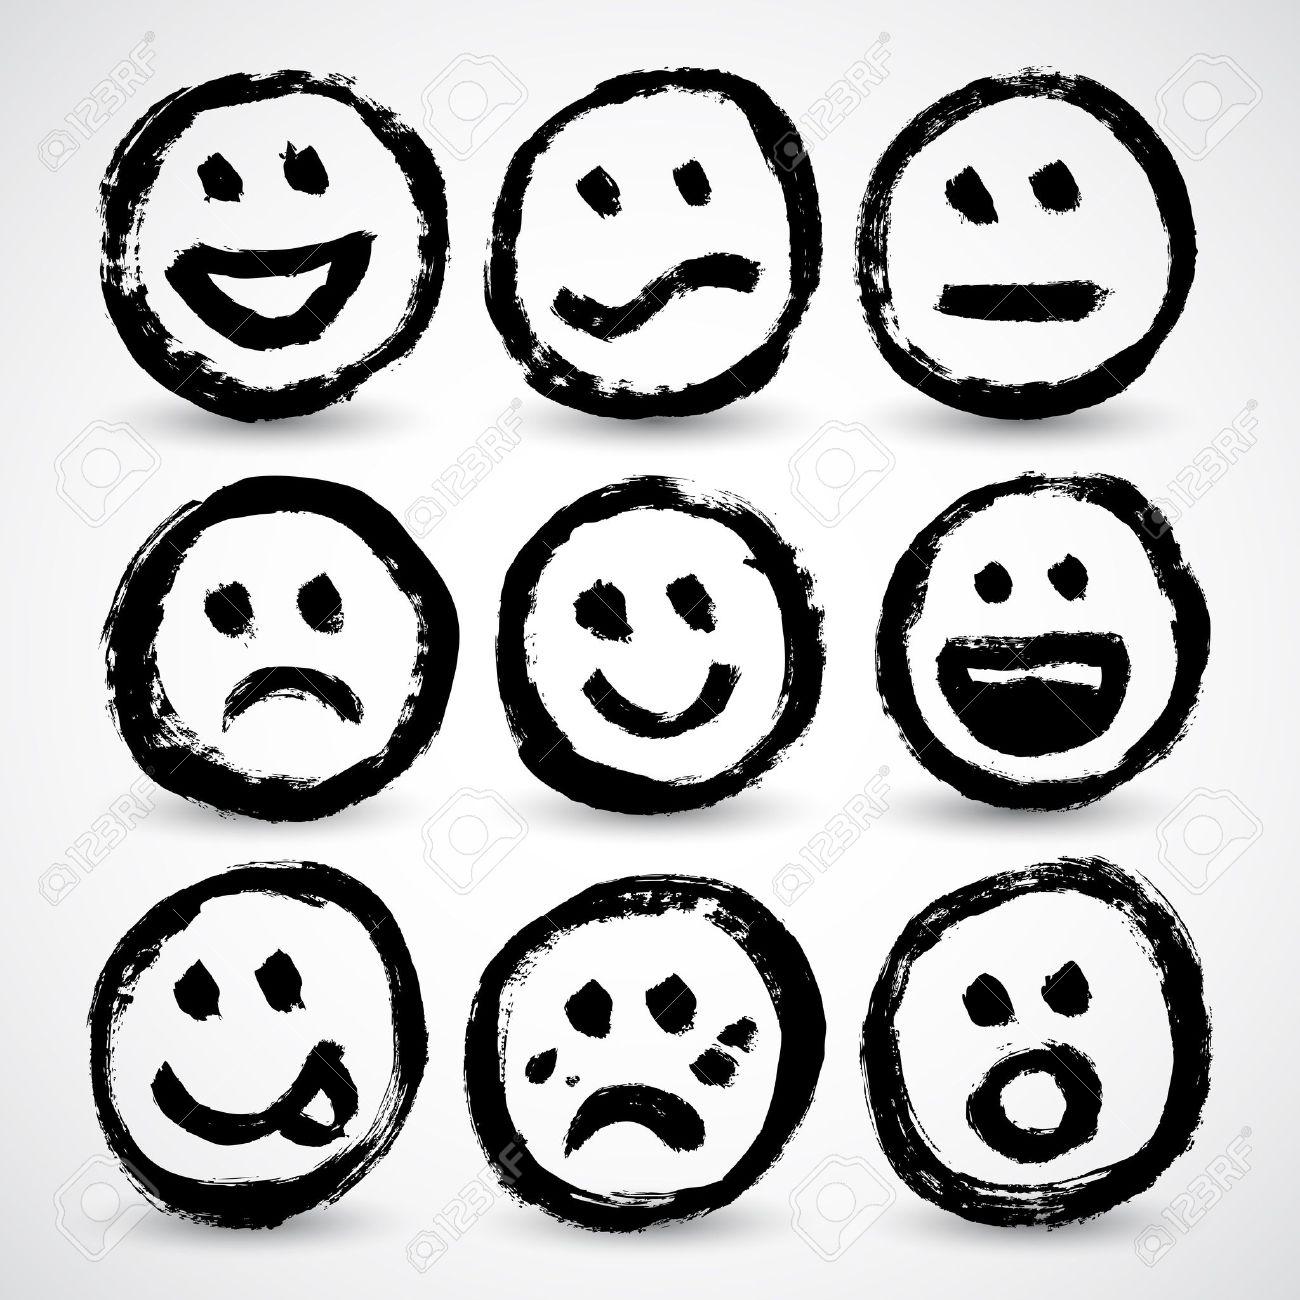 An icon set of grunge cartoon smiley faces Stock Vector - 17031752